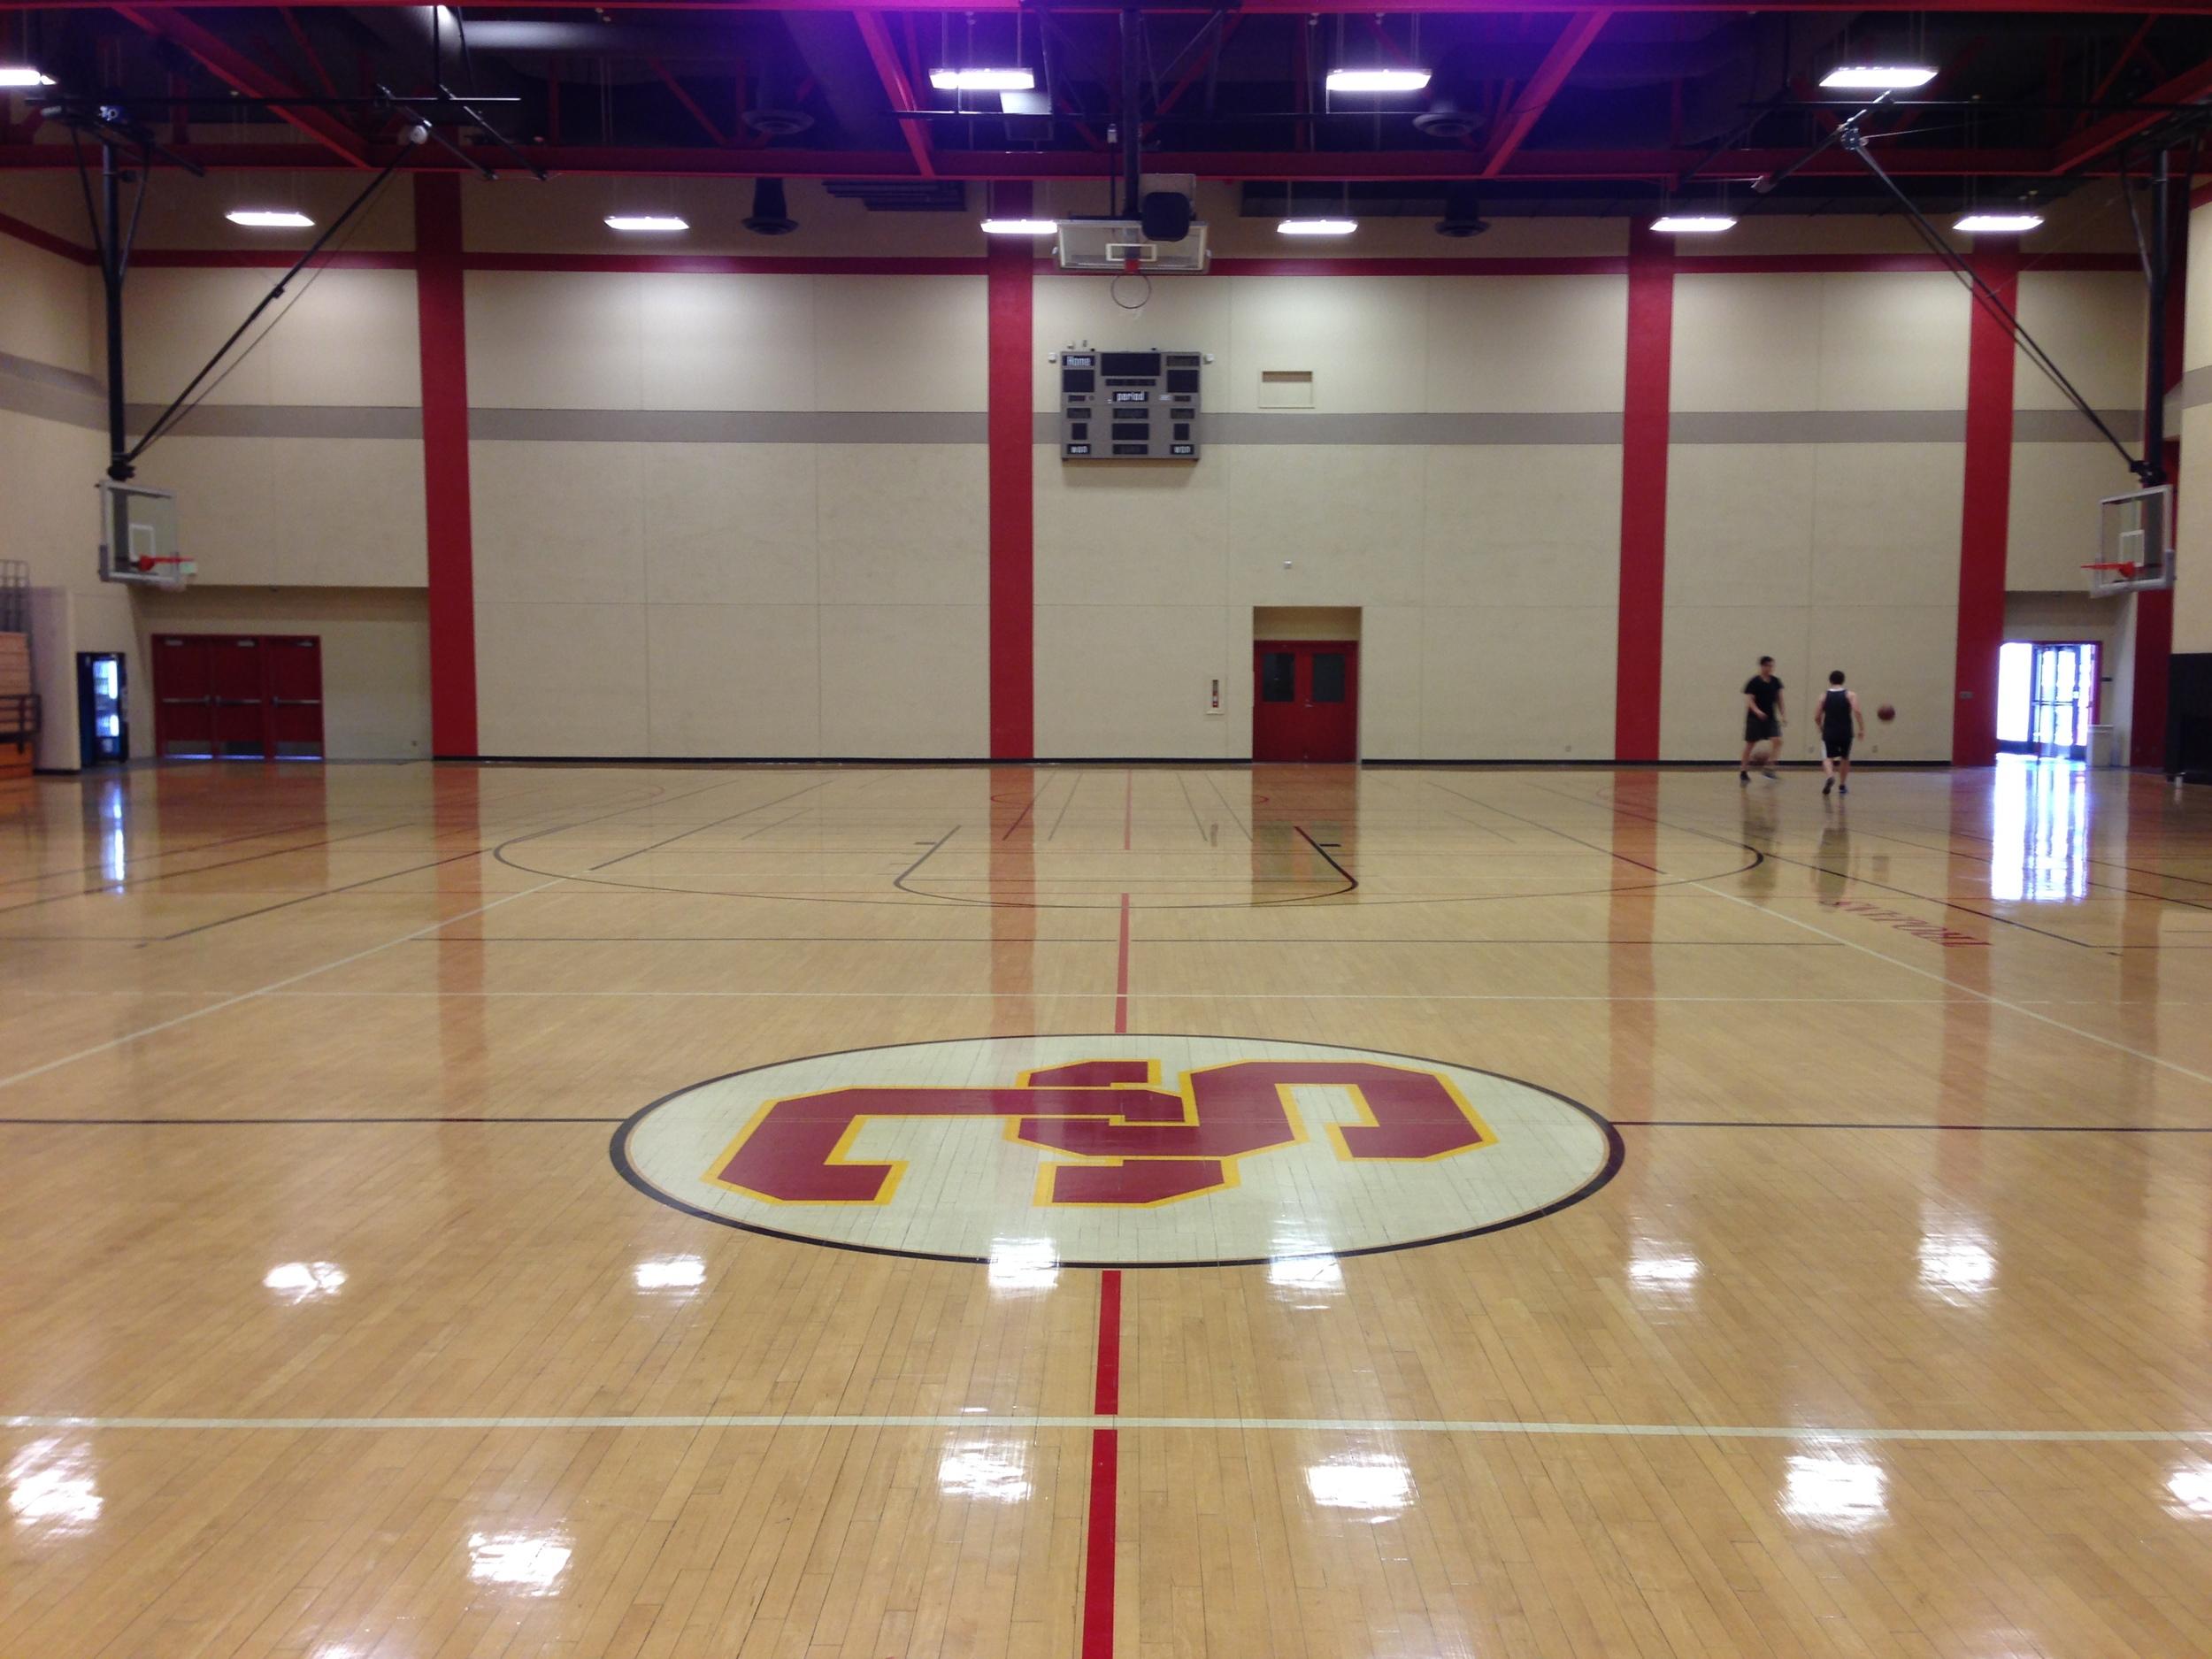 LRC Gym - Home of TechJam 2017